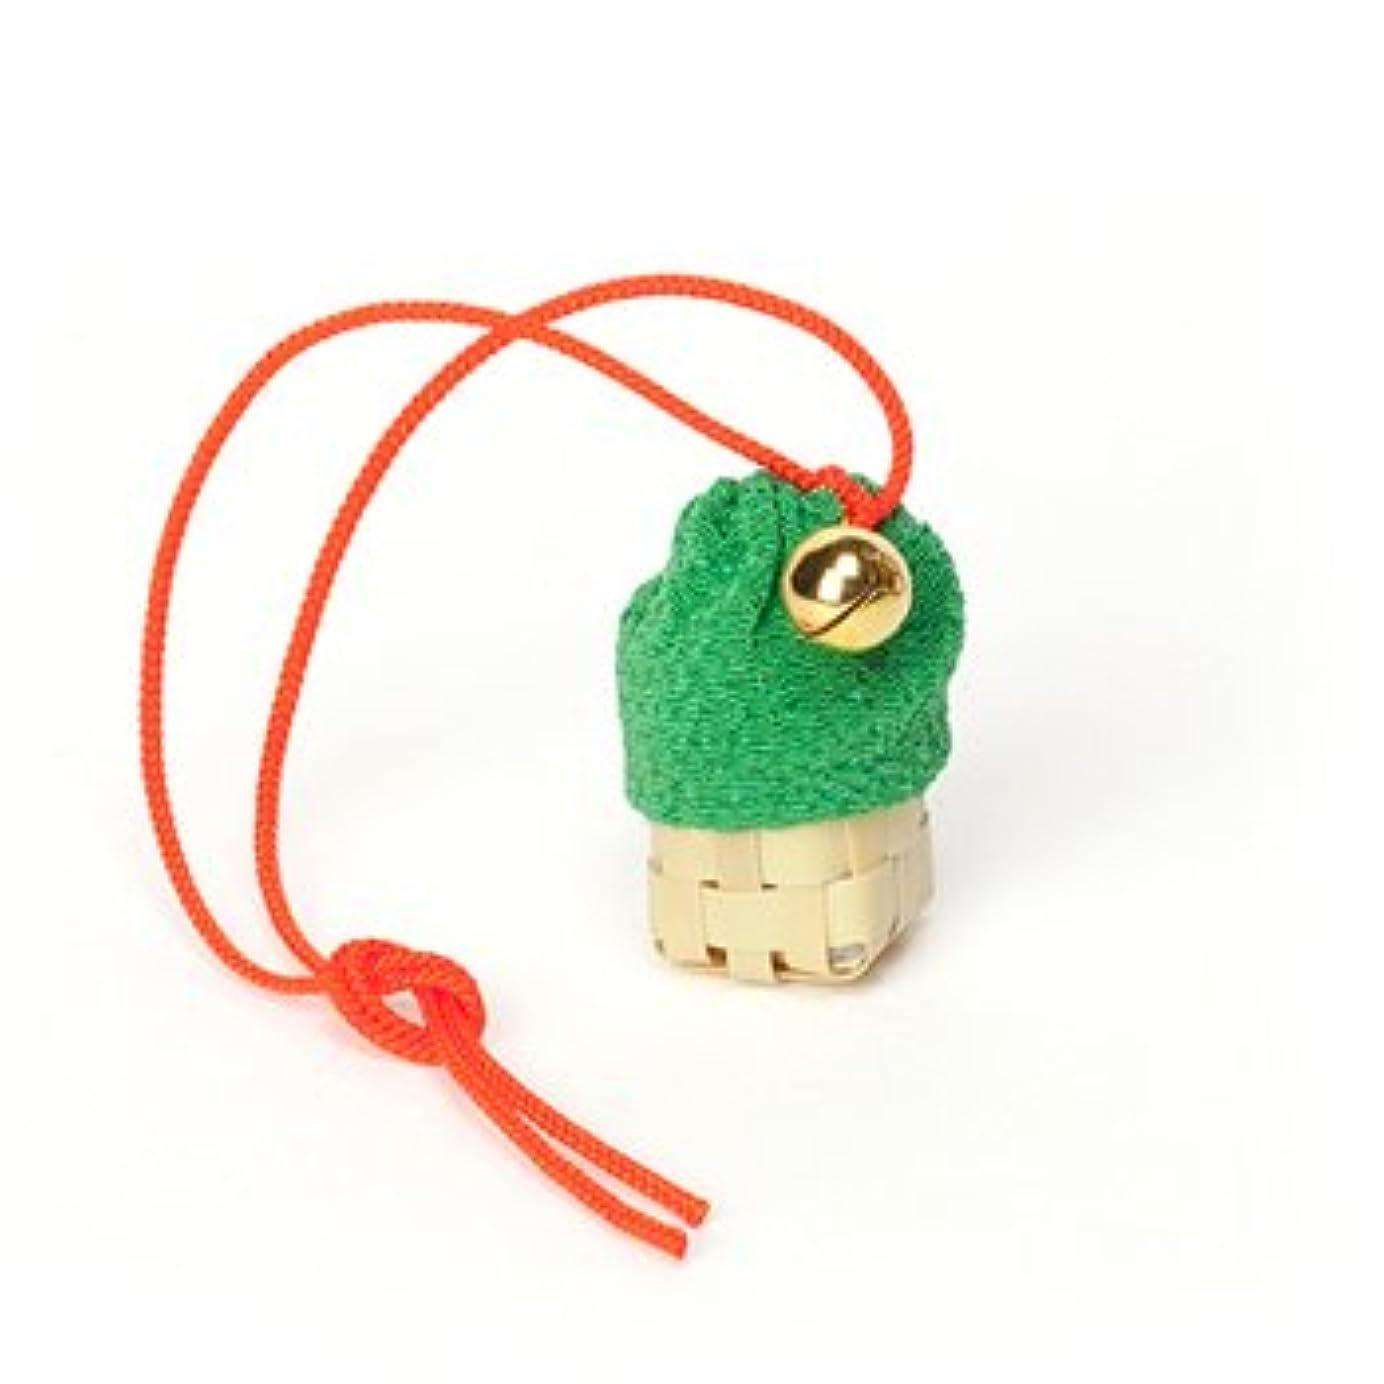 クランプ遠征まろやかな松栄堂 匂い袋 携帯用 ミニ籠 1個入 ケースなし (色をお選びください) (緑)